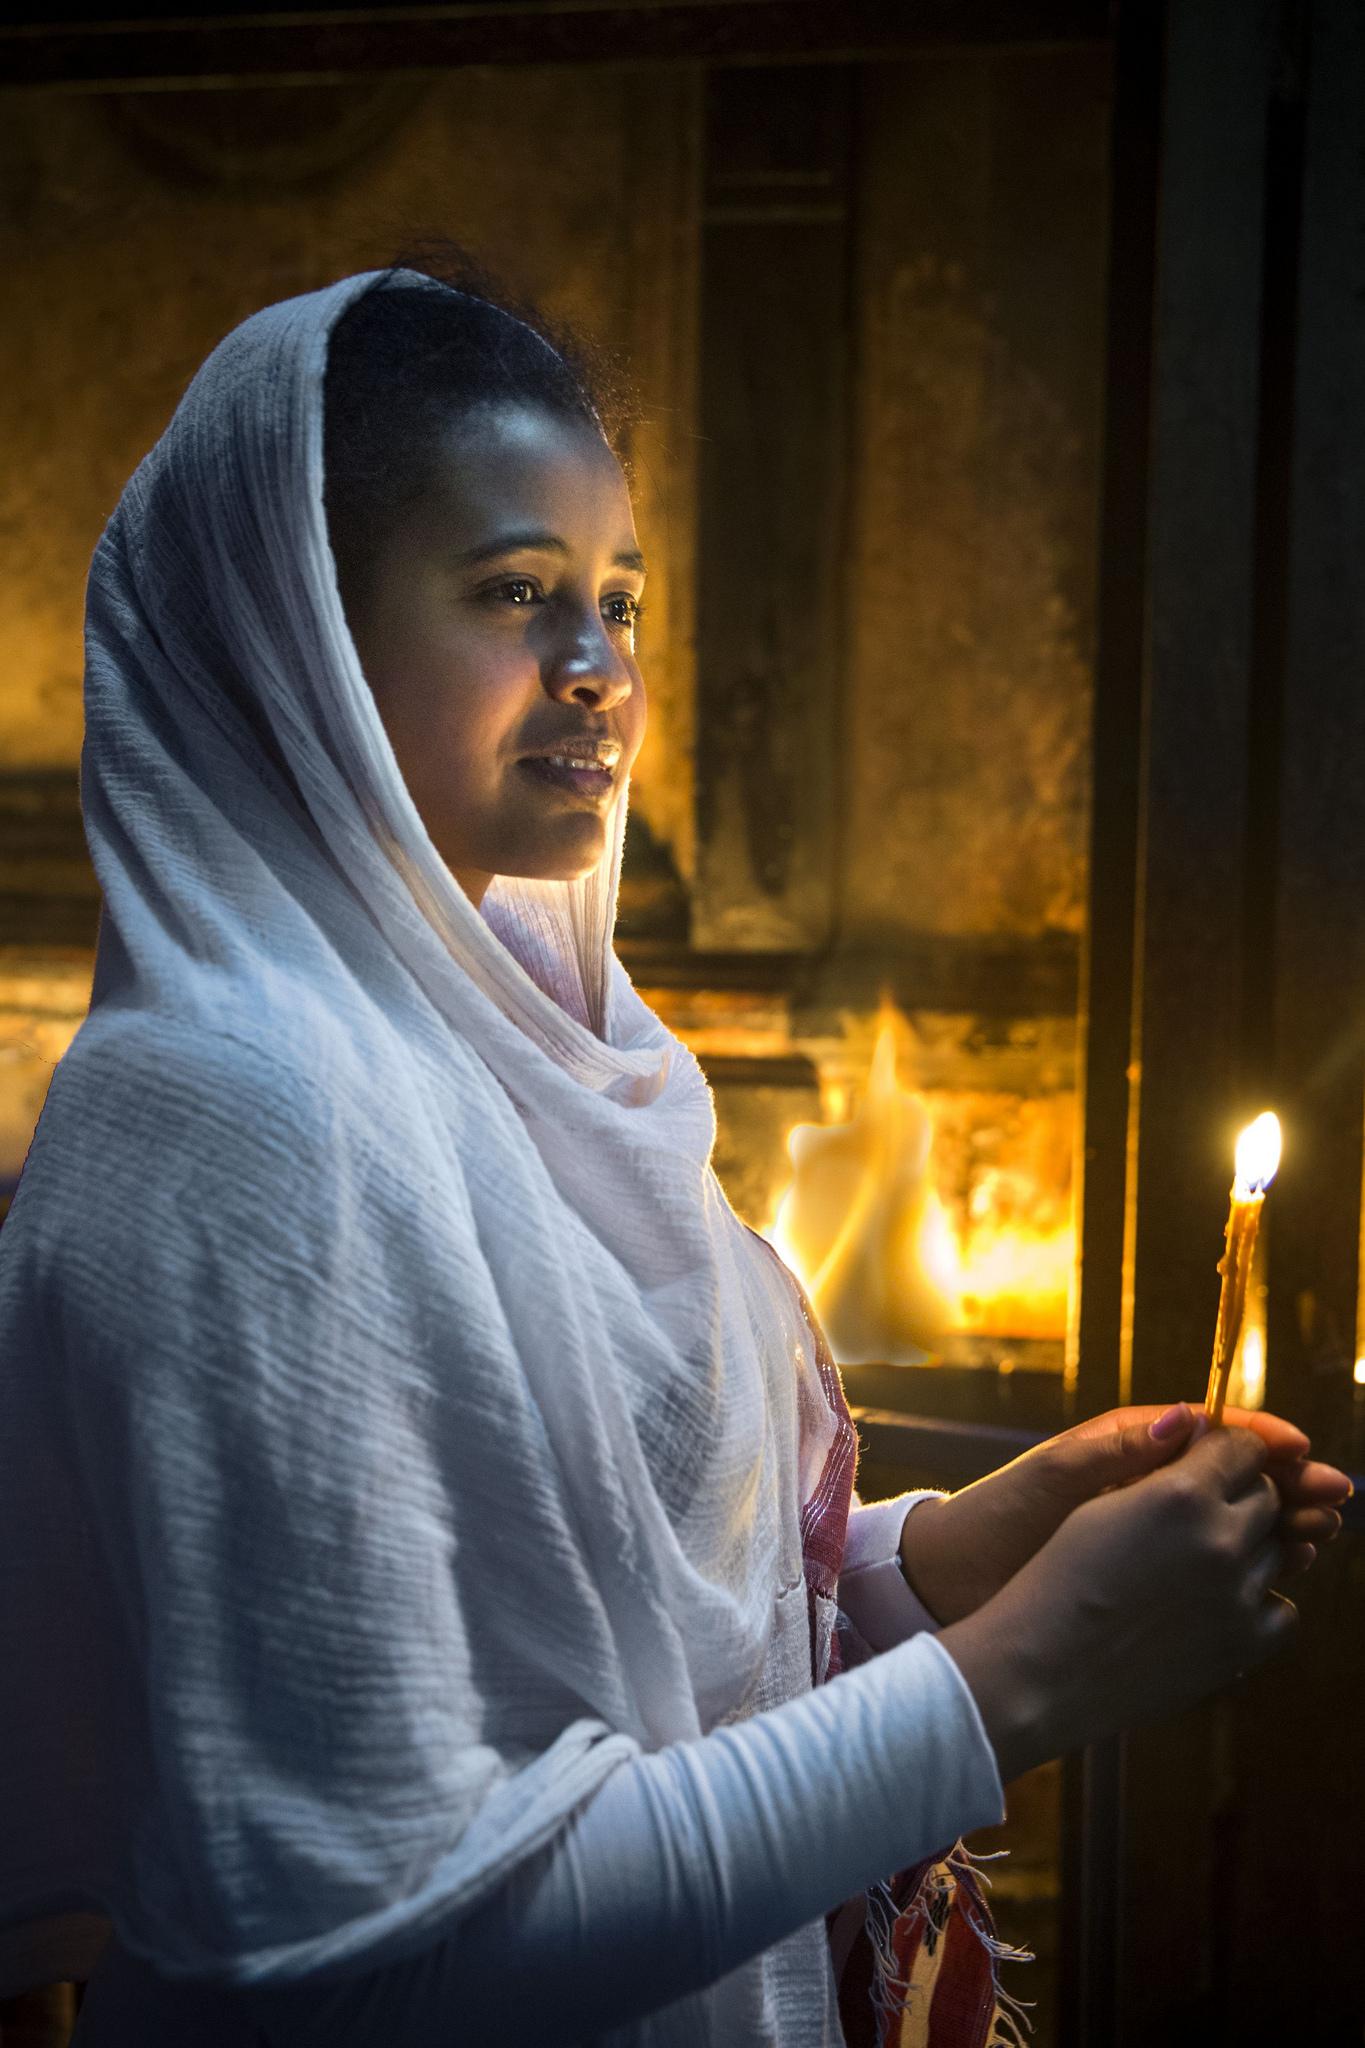 Turismo de Israel: se espera un incremento de 20% en los peregrinos cristianos en el periodo de Navidad